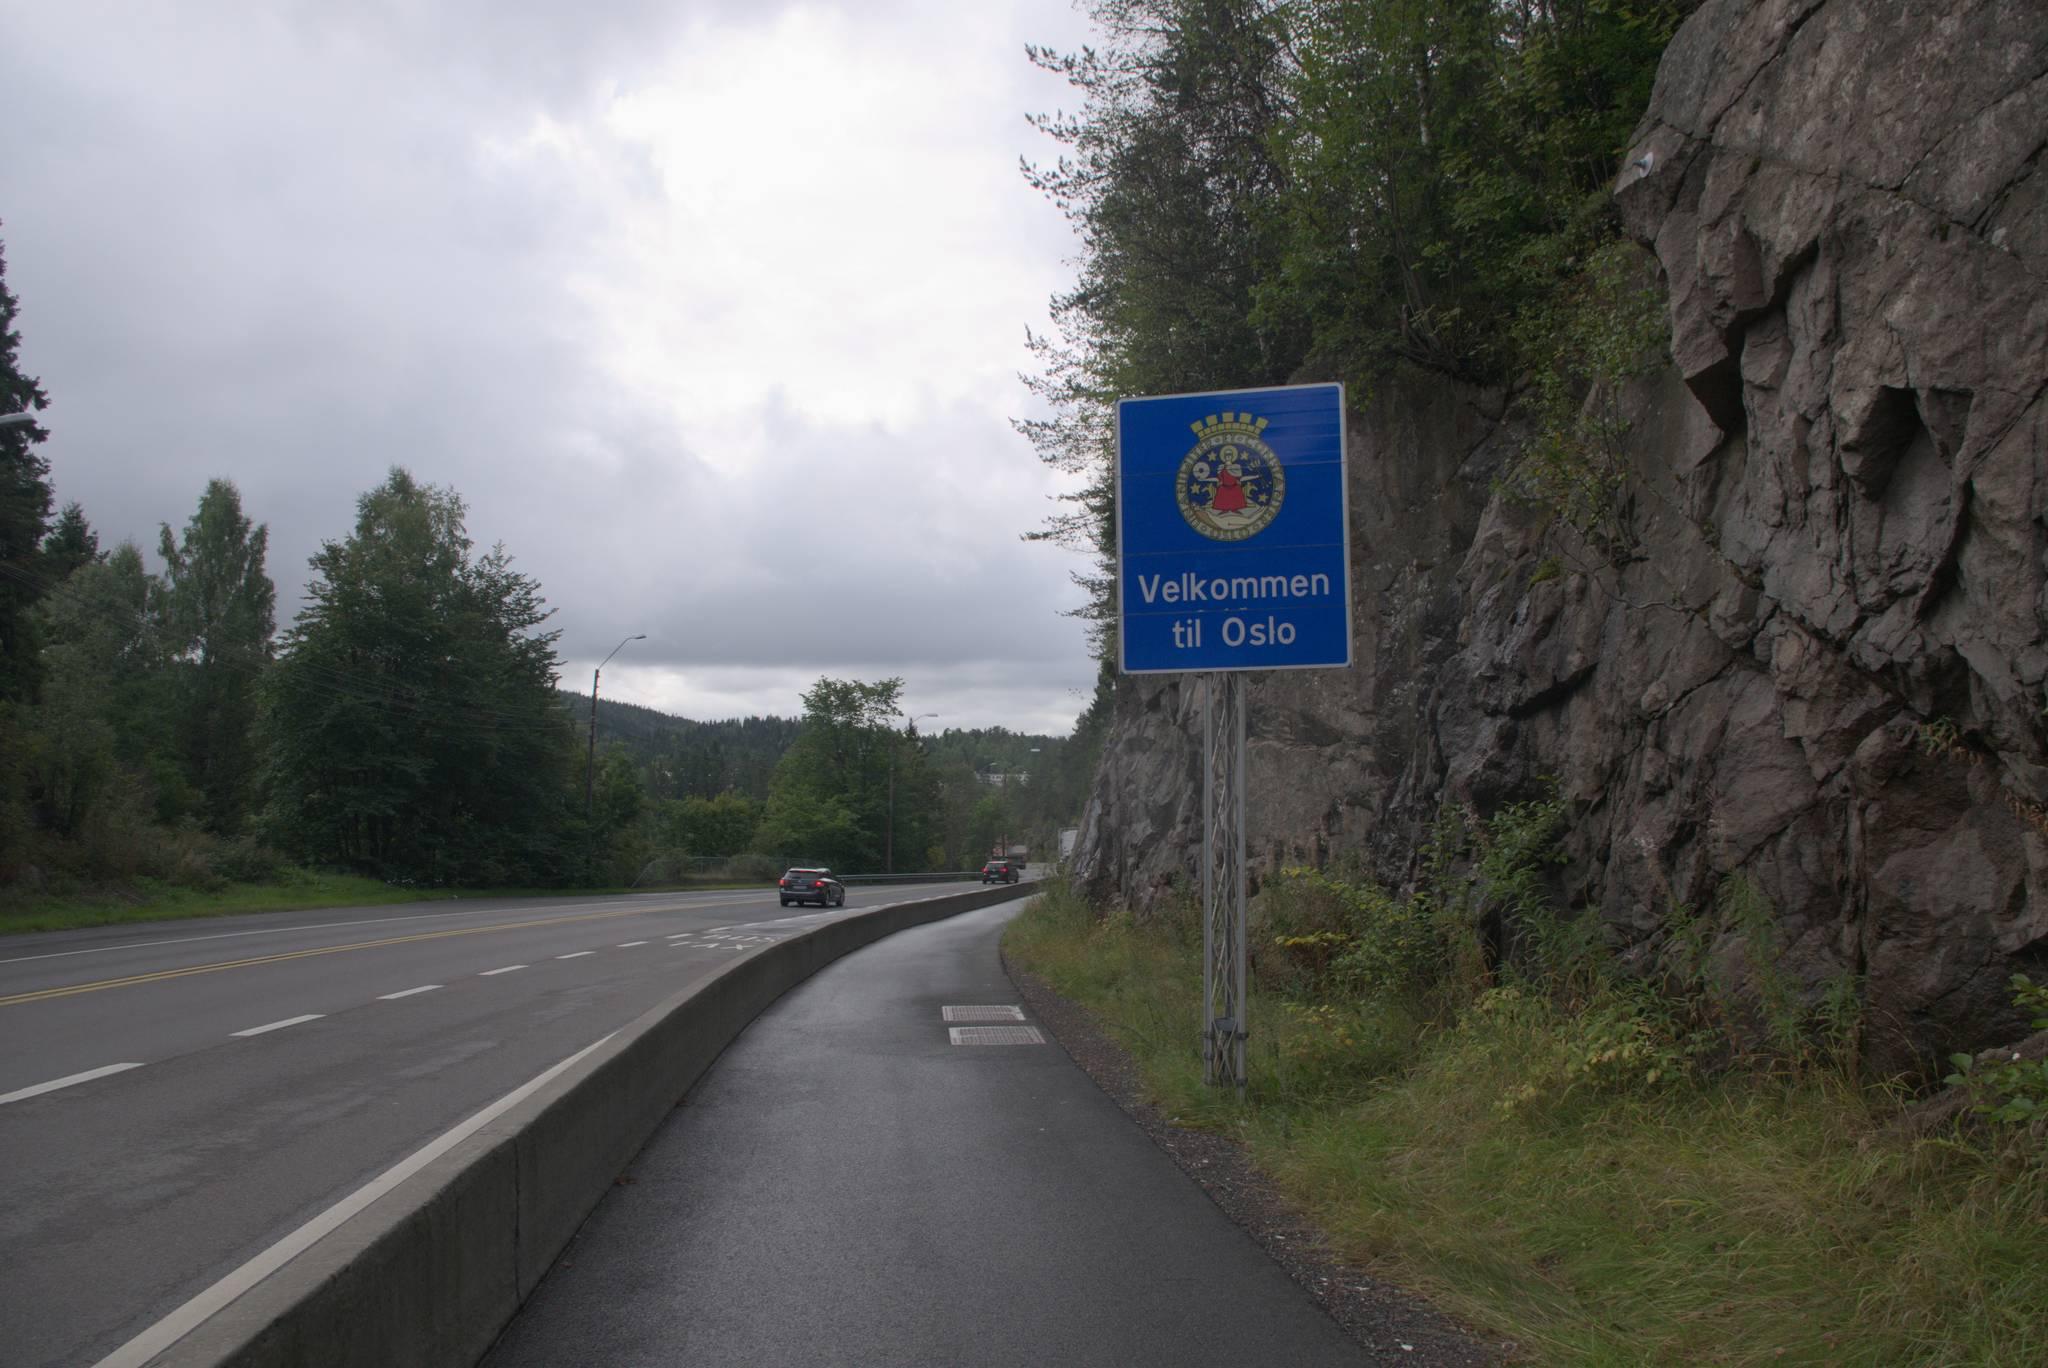 żegnam się z Oslo, tu przynajmniej udało się dorwać tabliczkę